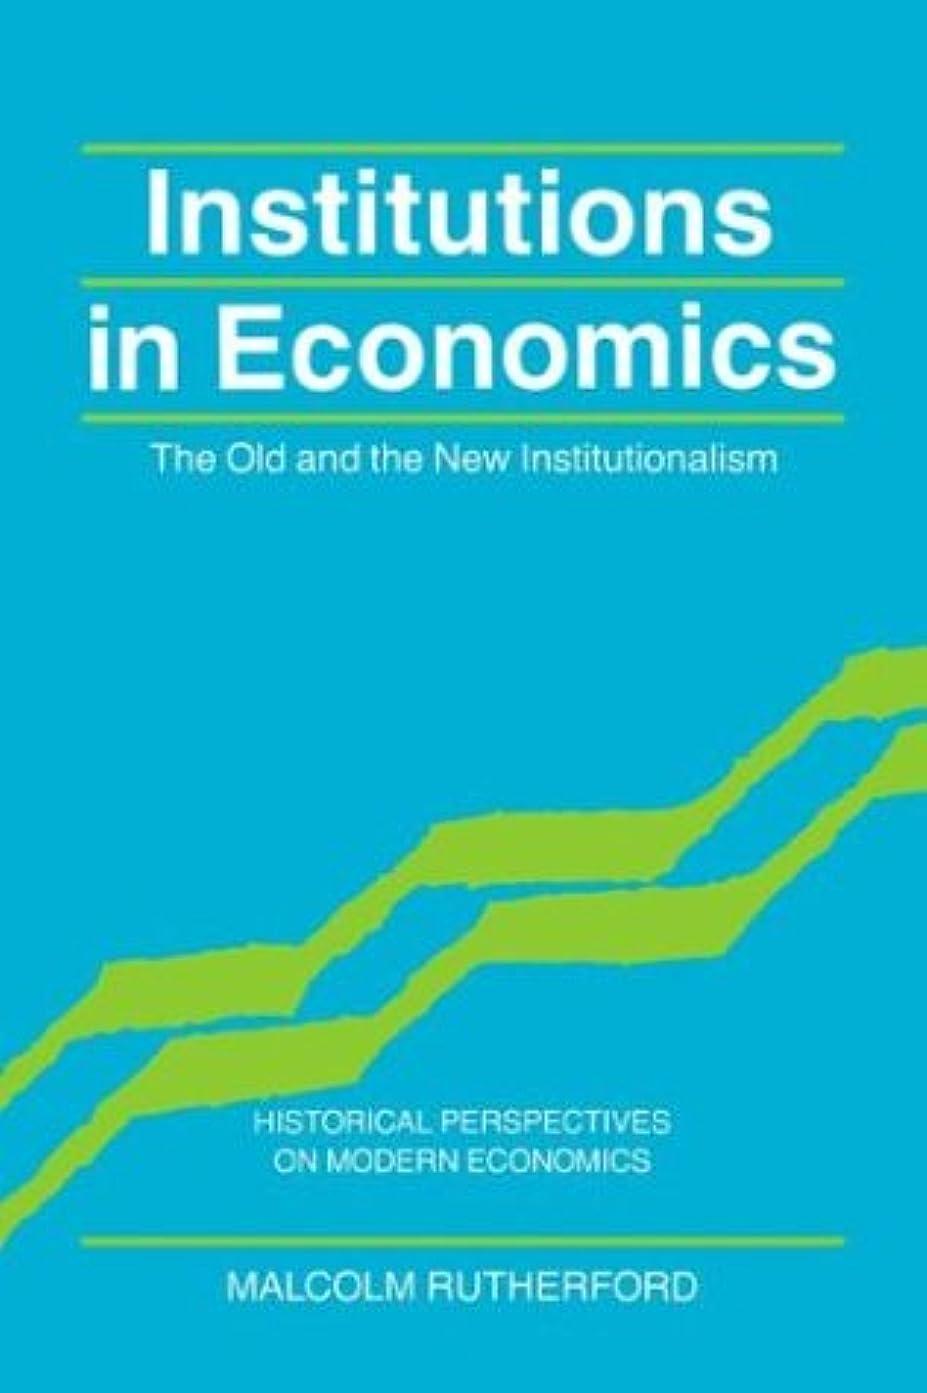 バスルームキャリッジポーズInstitutions in Economics (Historical Perspectives on Modern Economics)